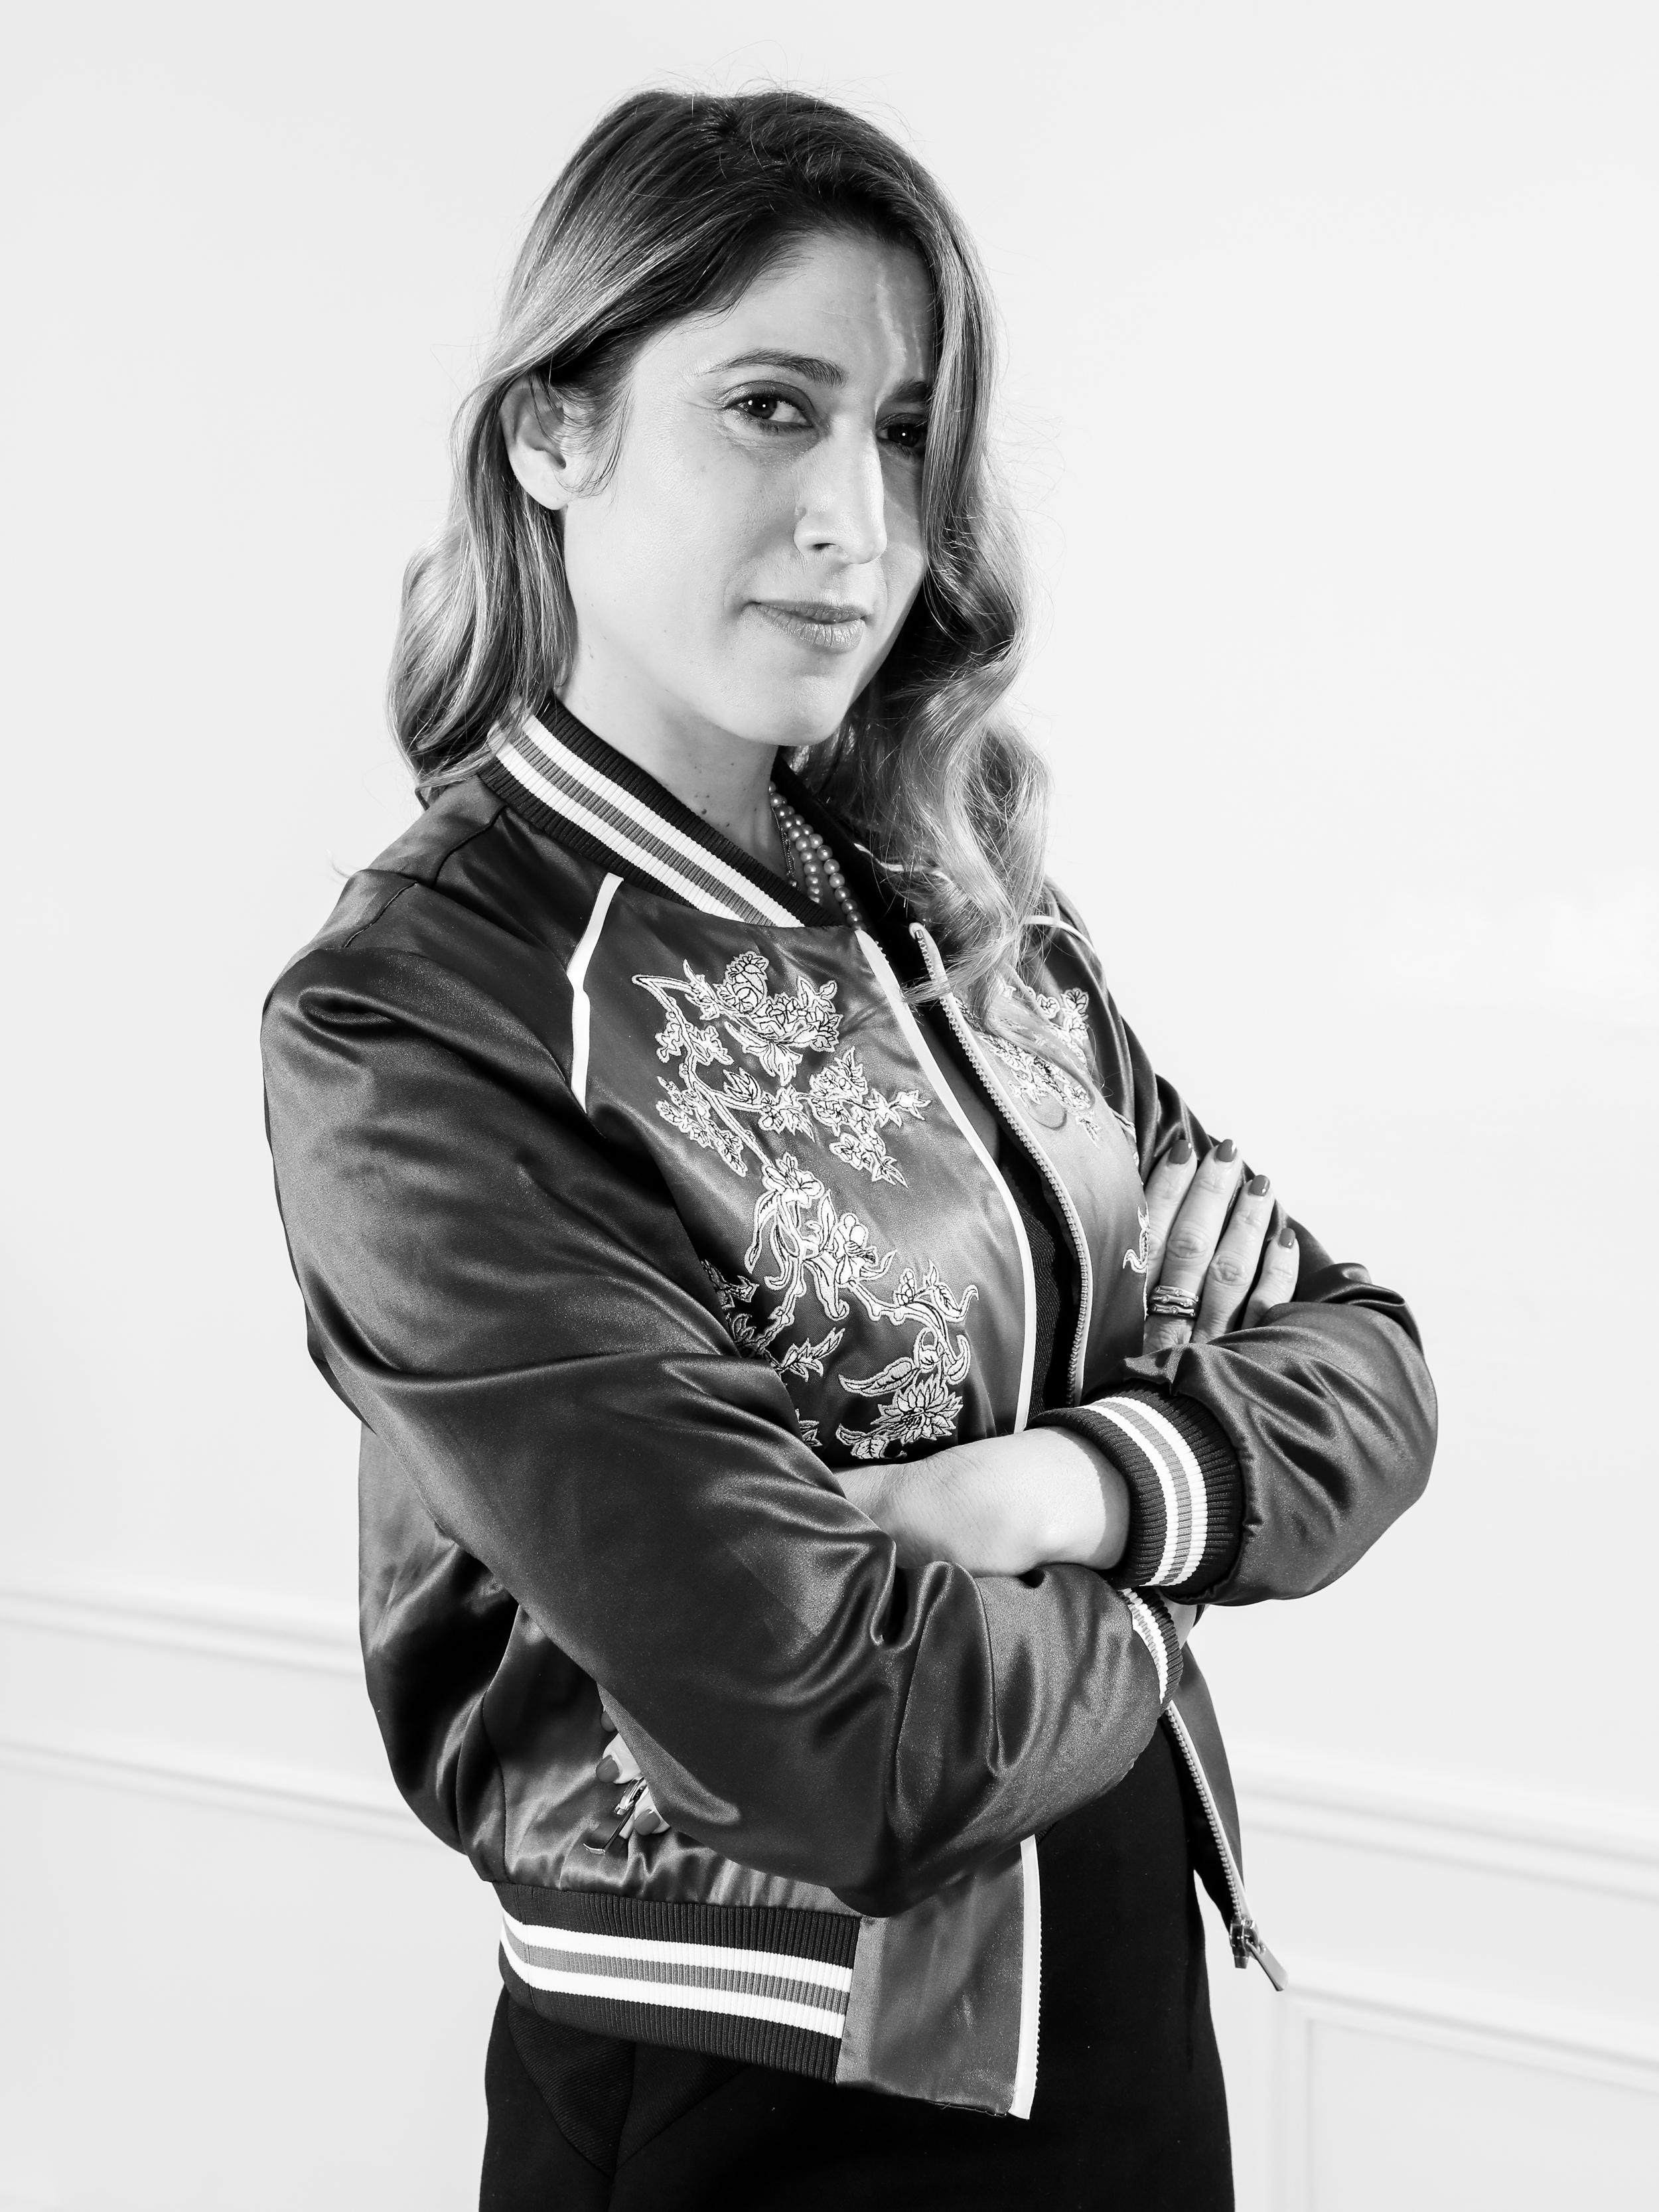 Audrey-Laure Bergenthal